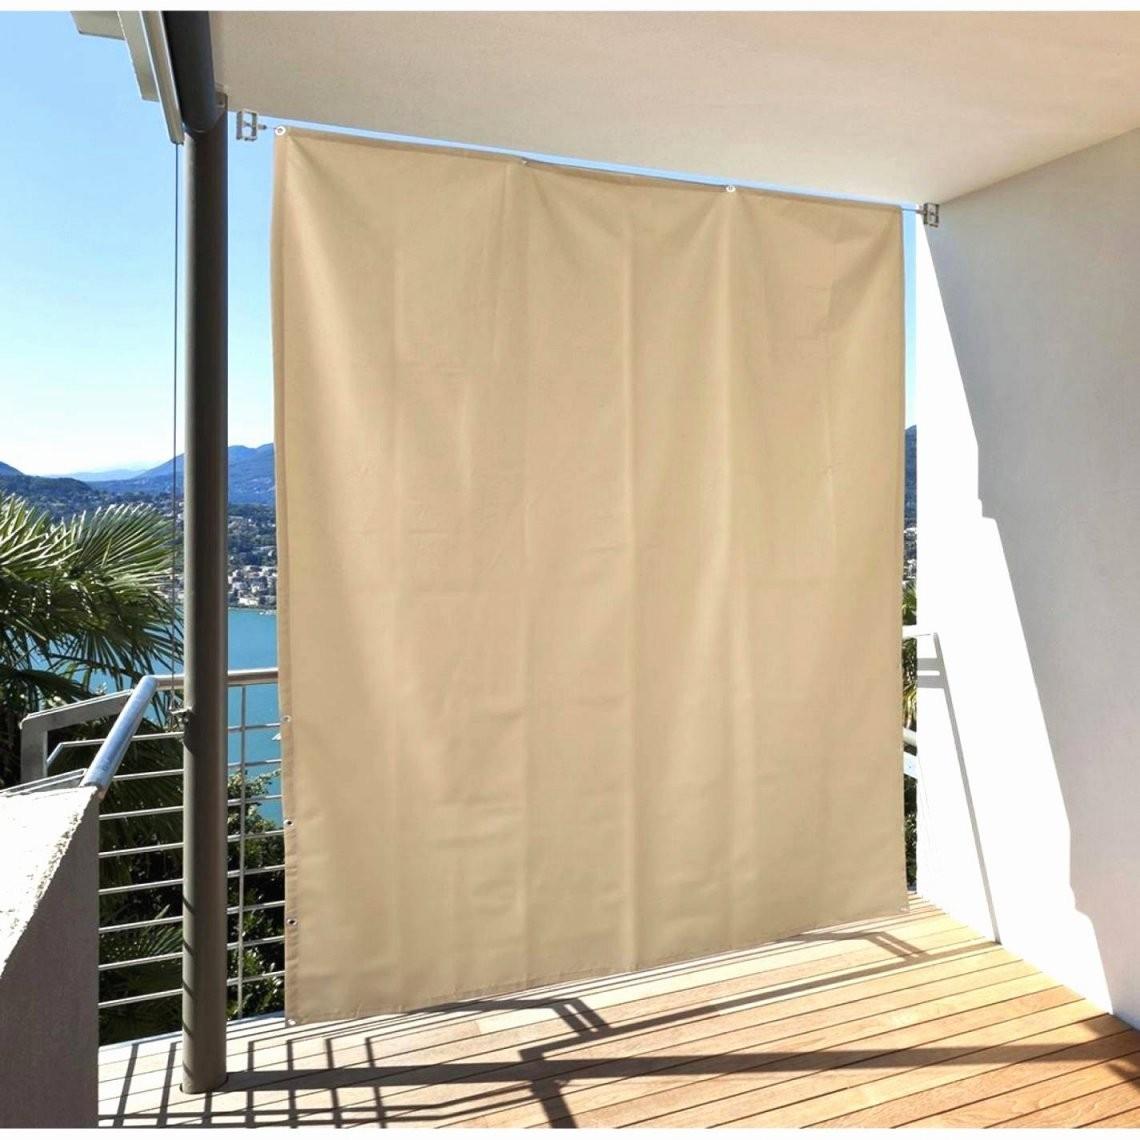 Sichtschutz Balkon Seitlich Ohne Bohren 45 Skizze Planen Von von Sichtschutz Balkon Ohne Bohren Bild